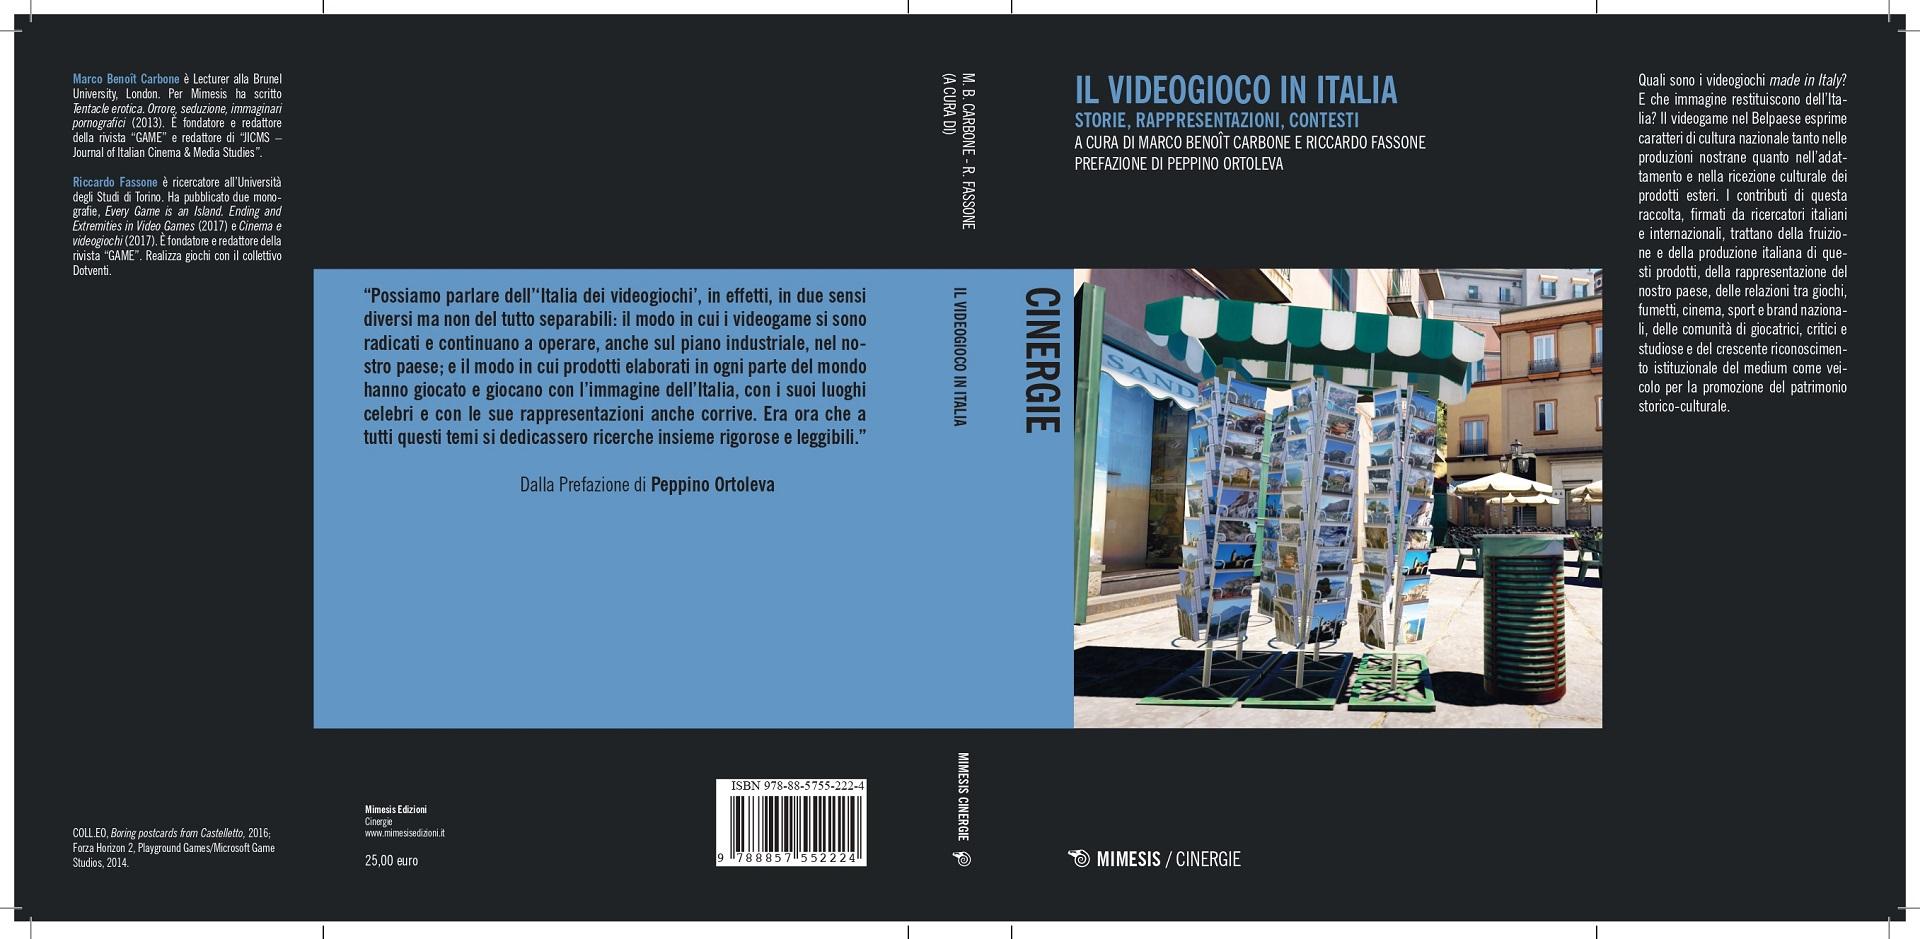 videogioco in italia